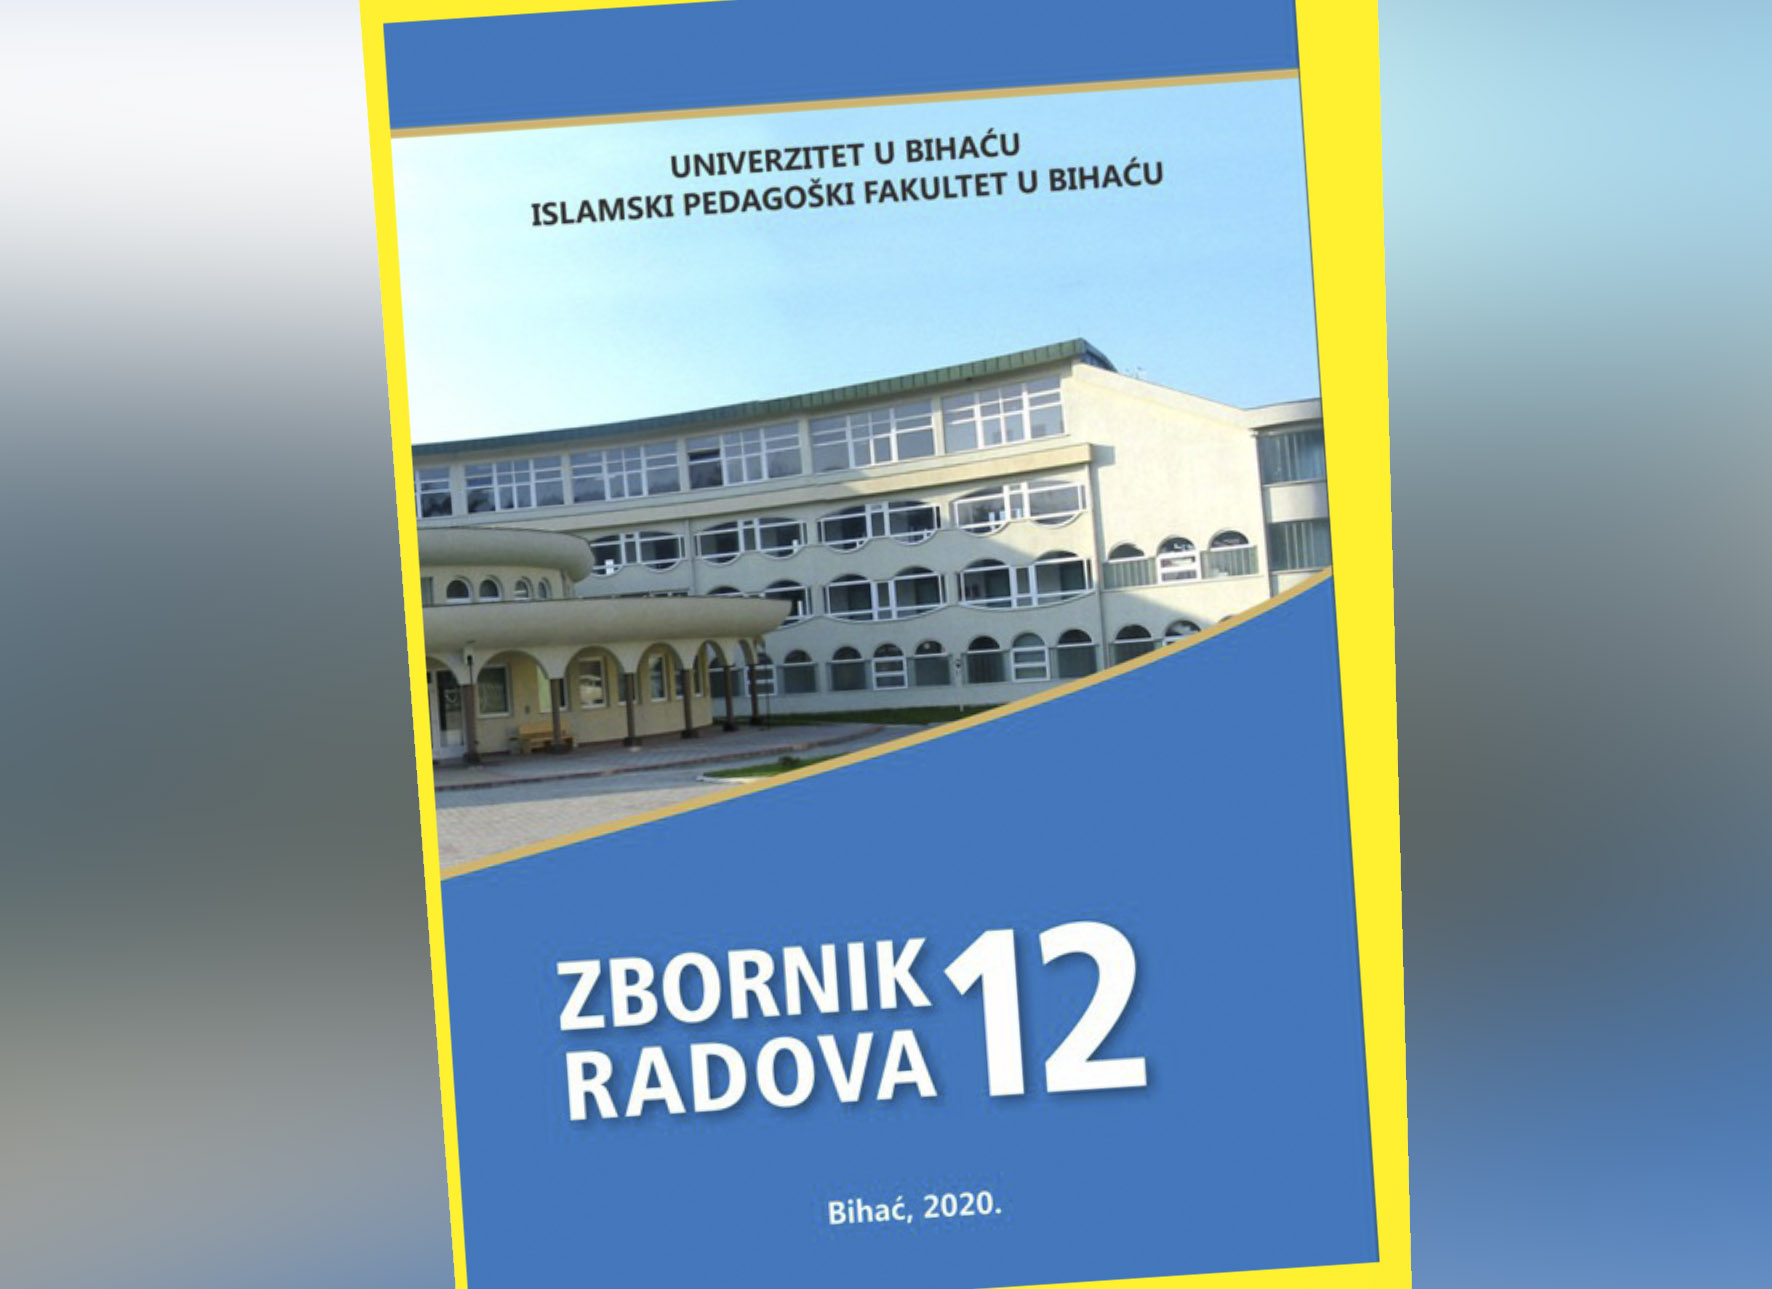 Objavljen novi Zbornik radova Islamskog pedagoškog fakulteta Univerziteta u Bihaću